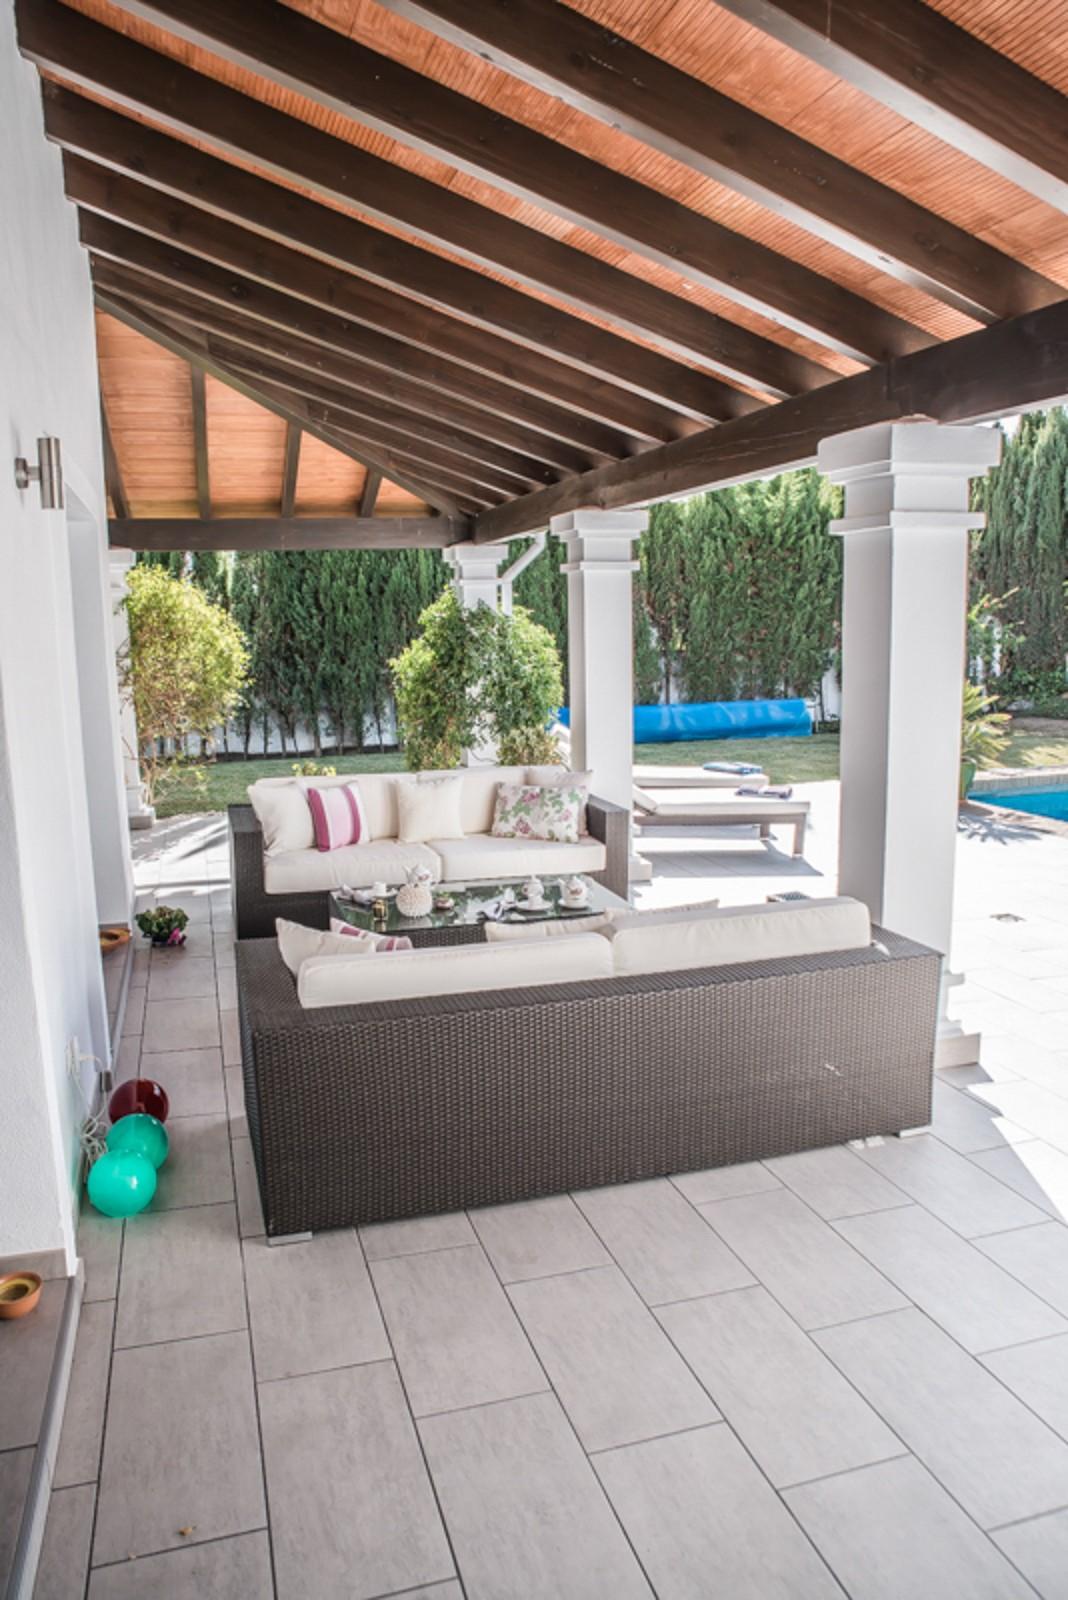 Detached Villa with Pool in Estepona